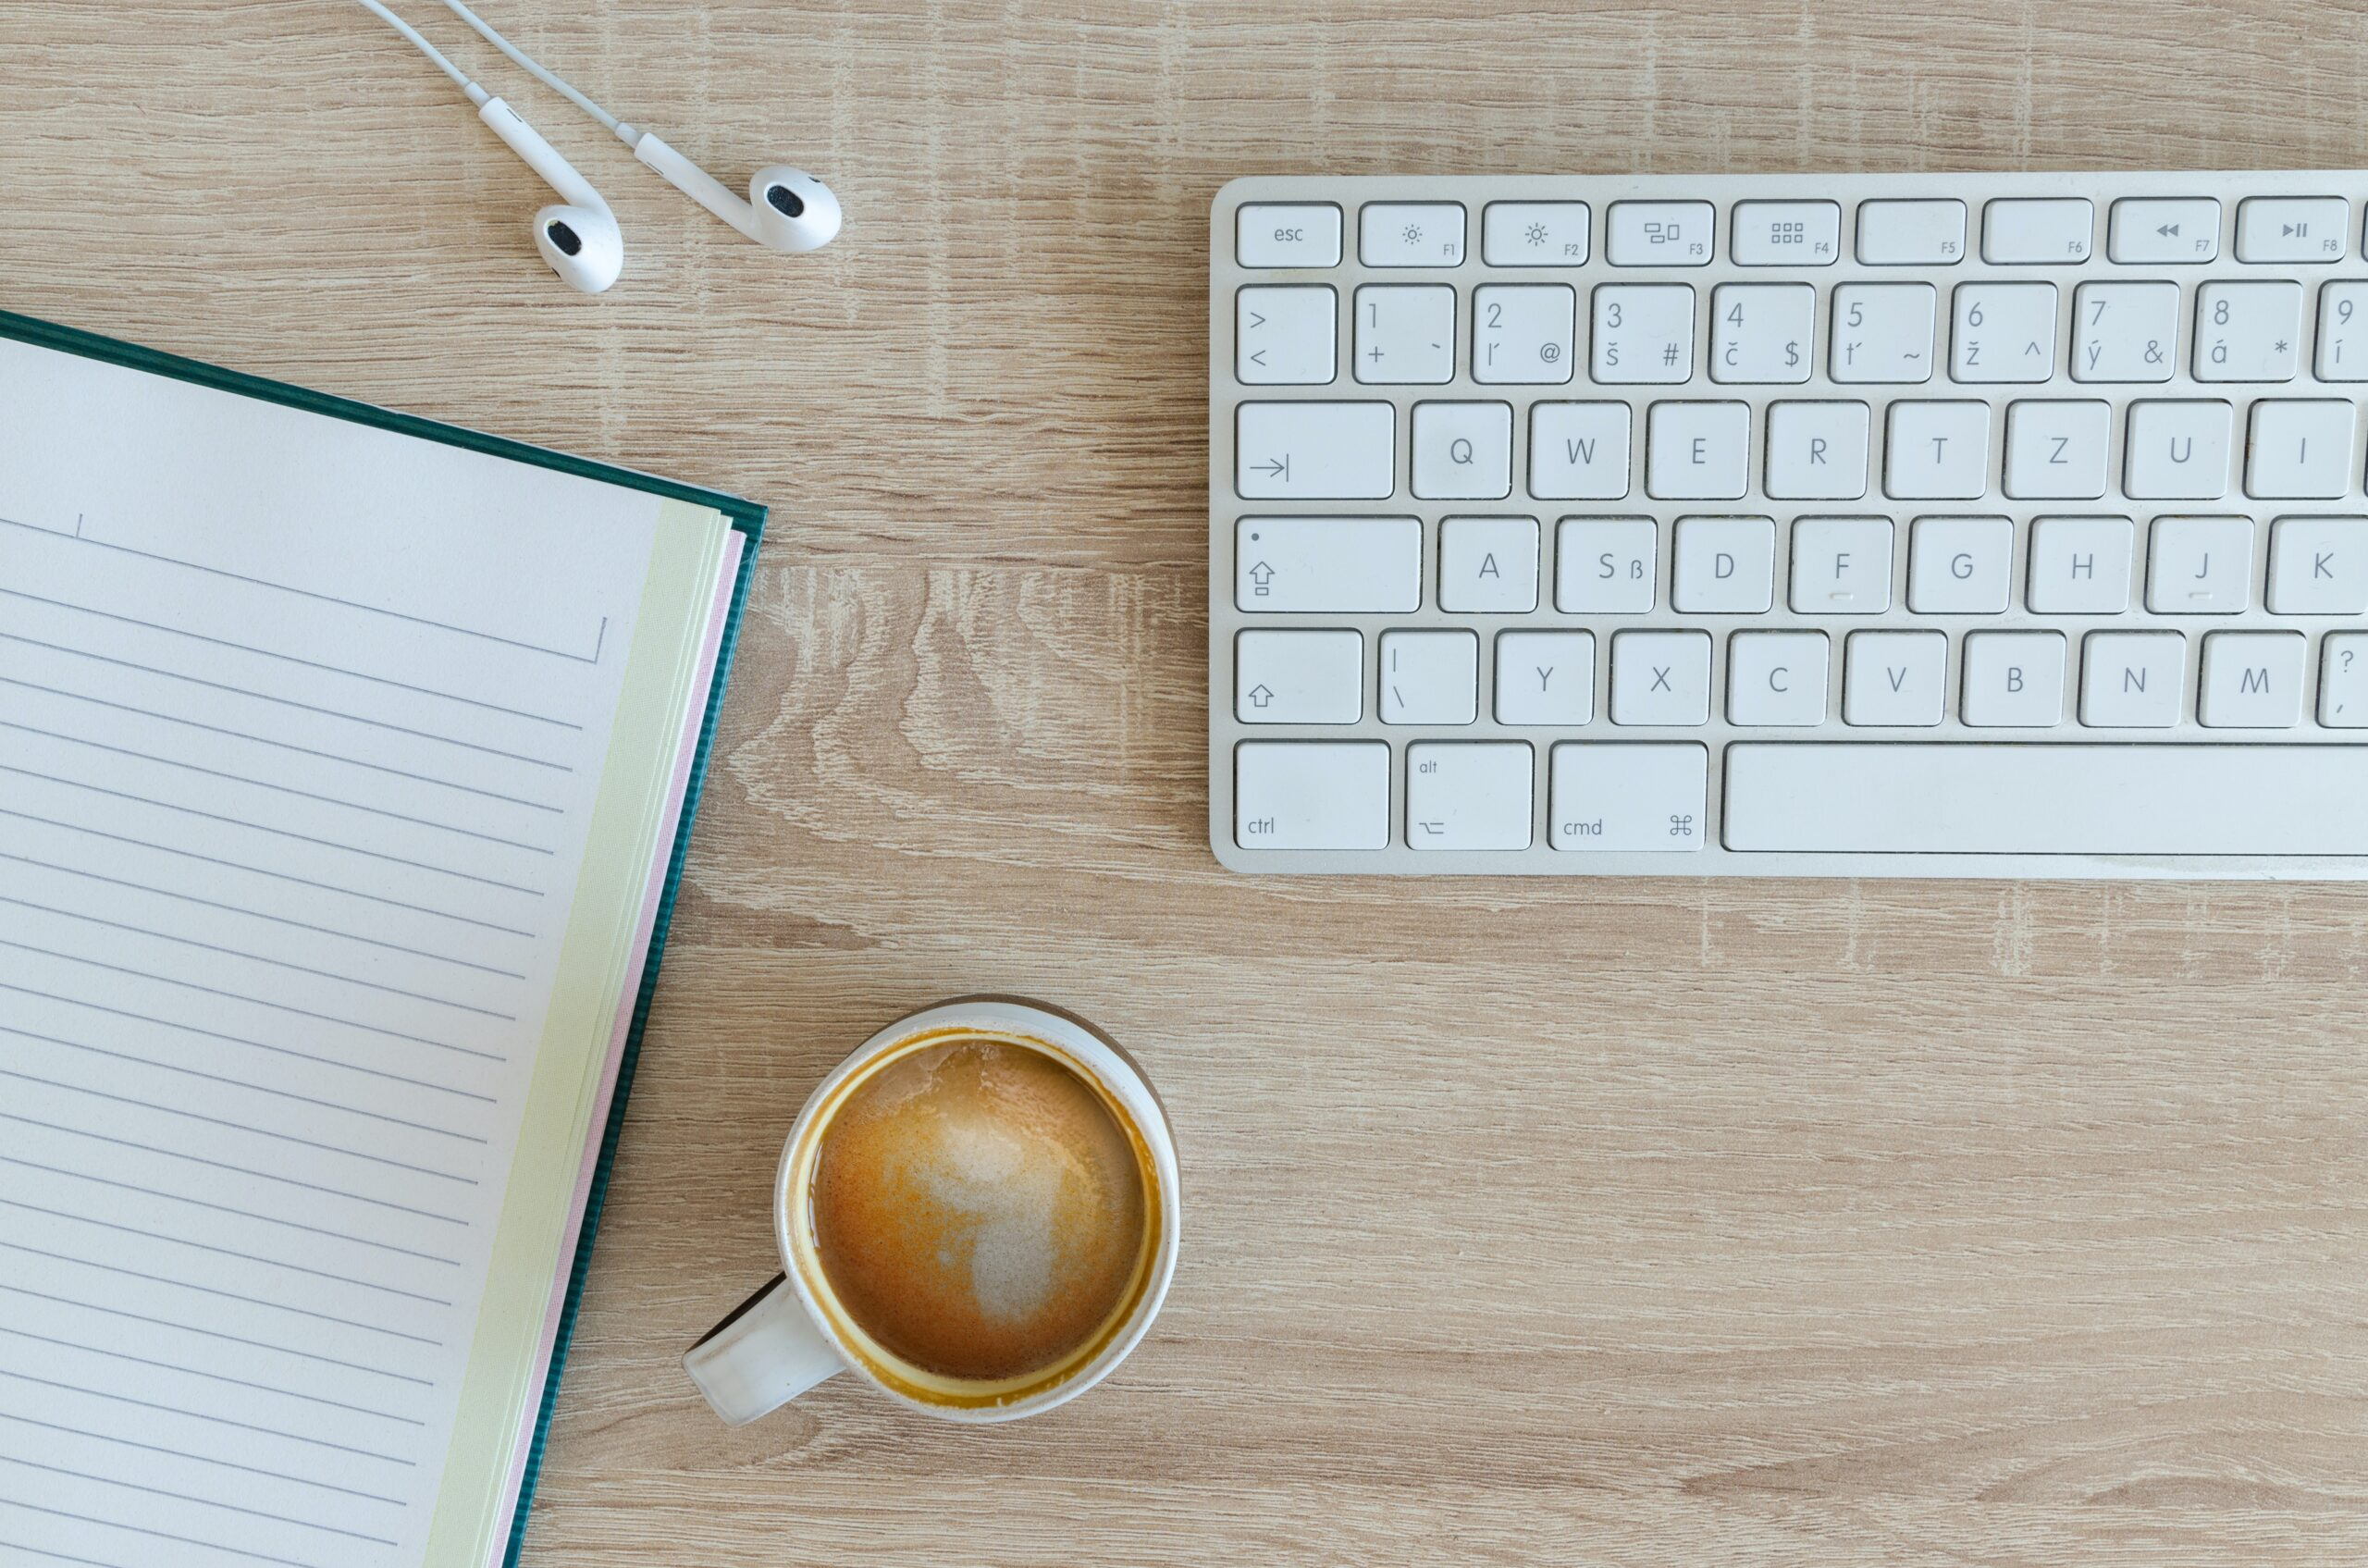 Tangentbord, anteckningsbok, kaffekopp. Jobba som krönikör.